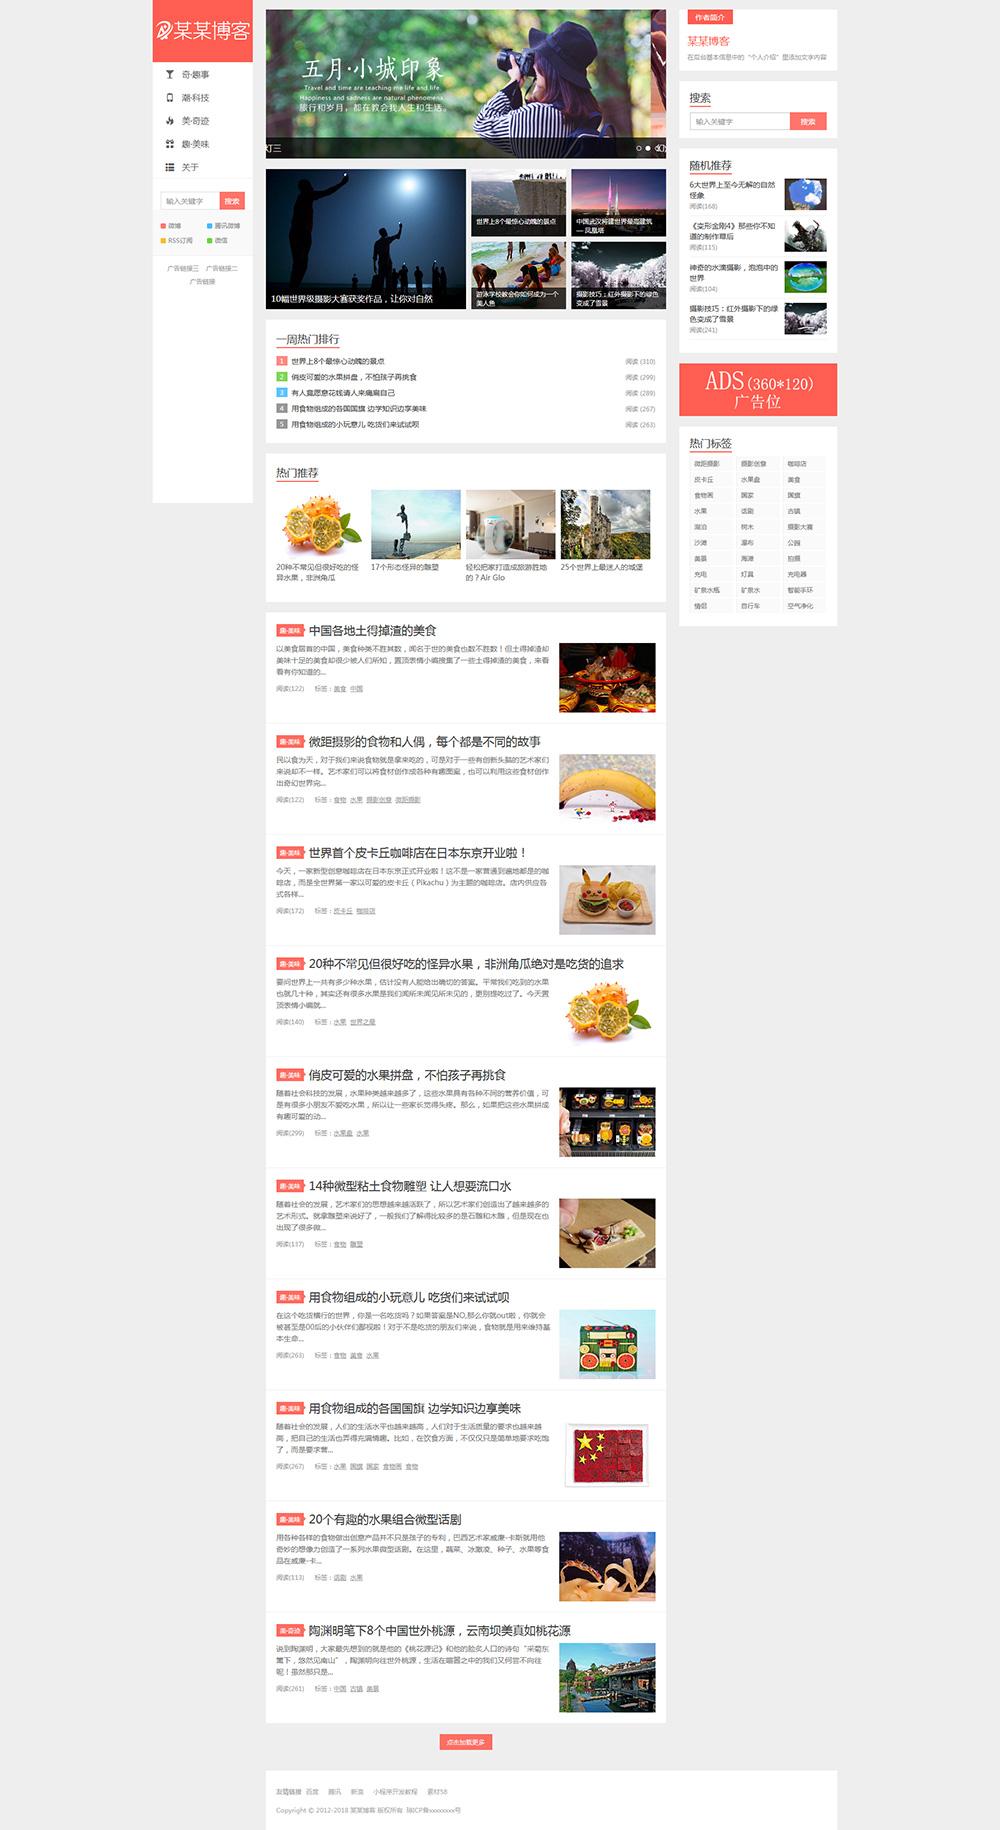 响应式自媒体博客图片相册网站模板-688